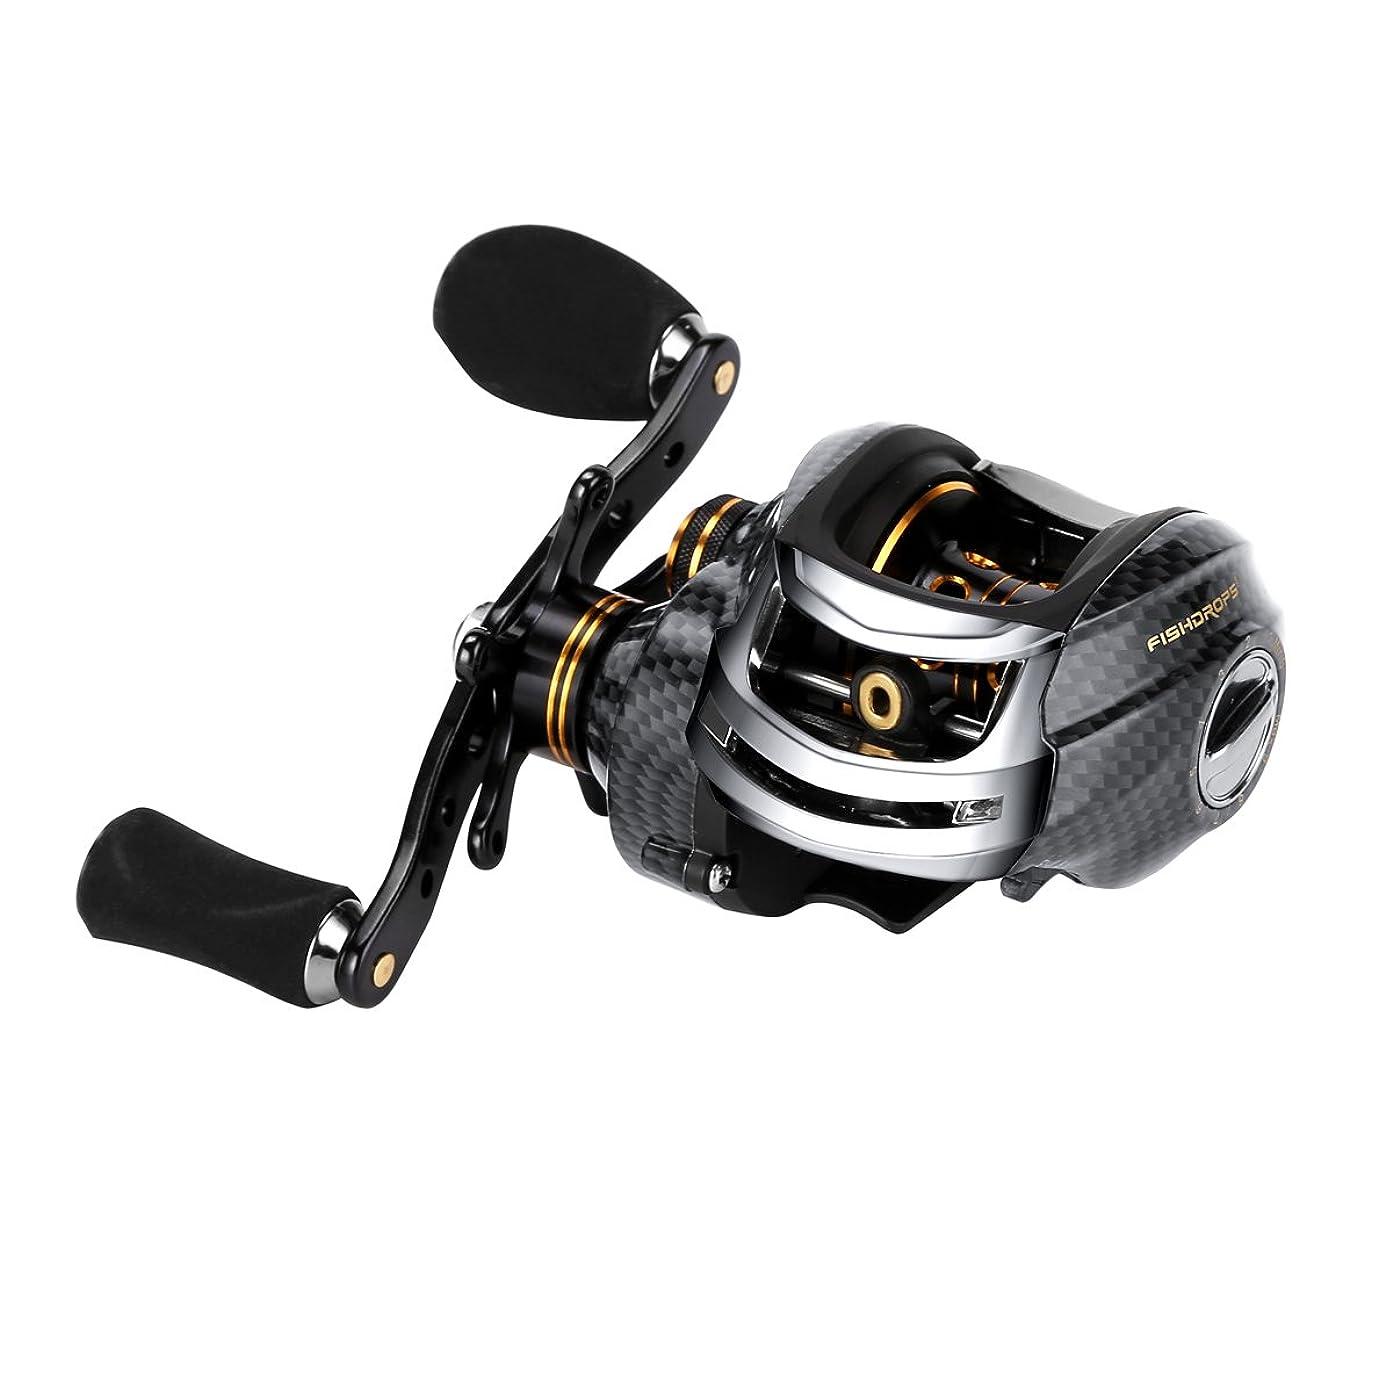 封筒薄暗いラオス人Fishdrops 超スムーズ リール 二重ブレーキシステム付き 18ボールベアリング ベイトキャスティング フィッシングリール フィッシングギア バス釣用に最適